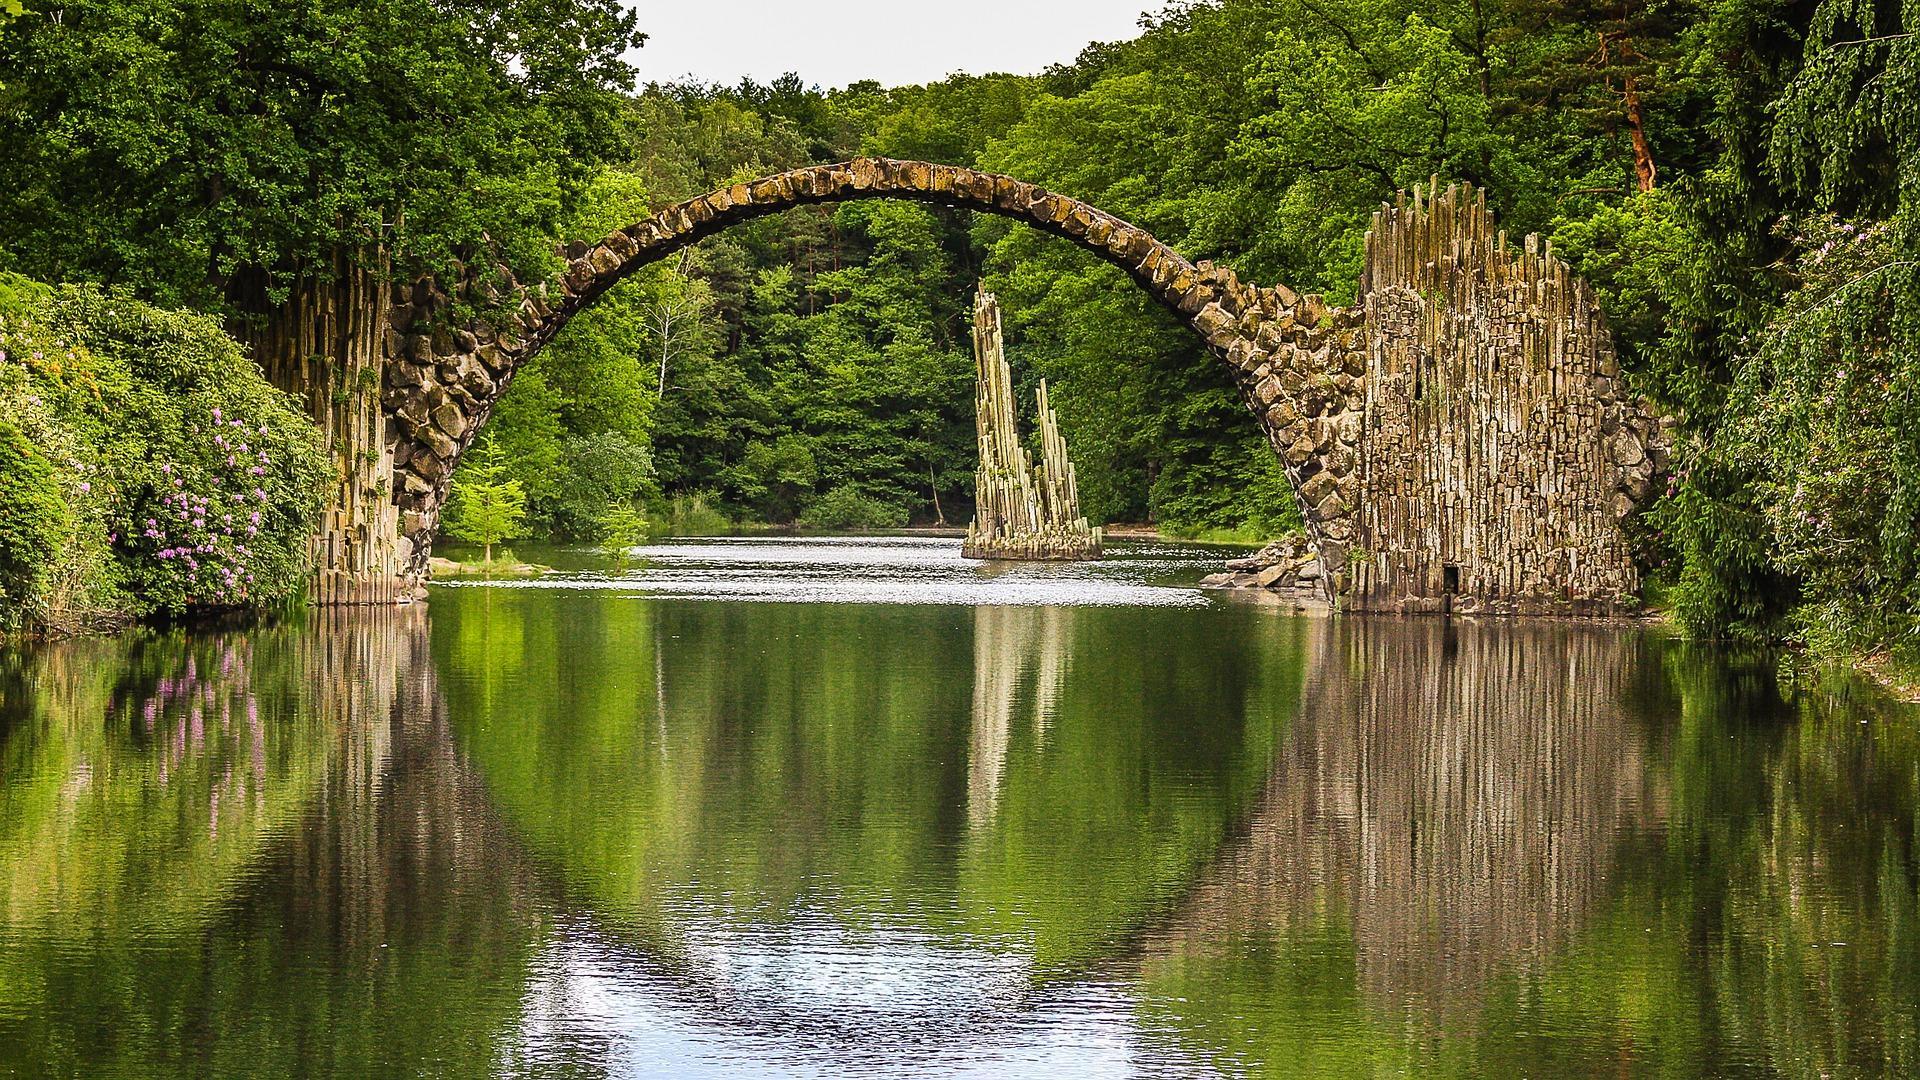 bridge 2887353 1920 - Blud o tom, že teprve přijde Tisíciletá říše Kristova